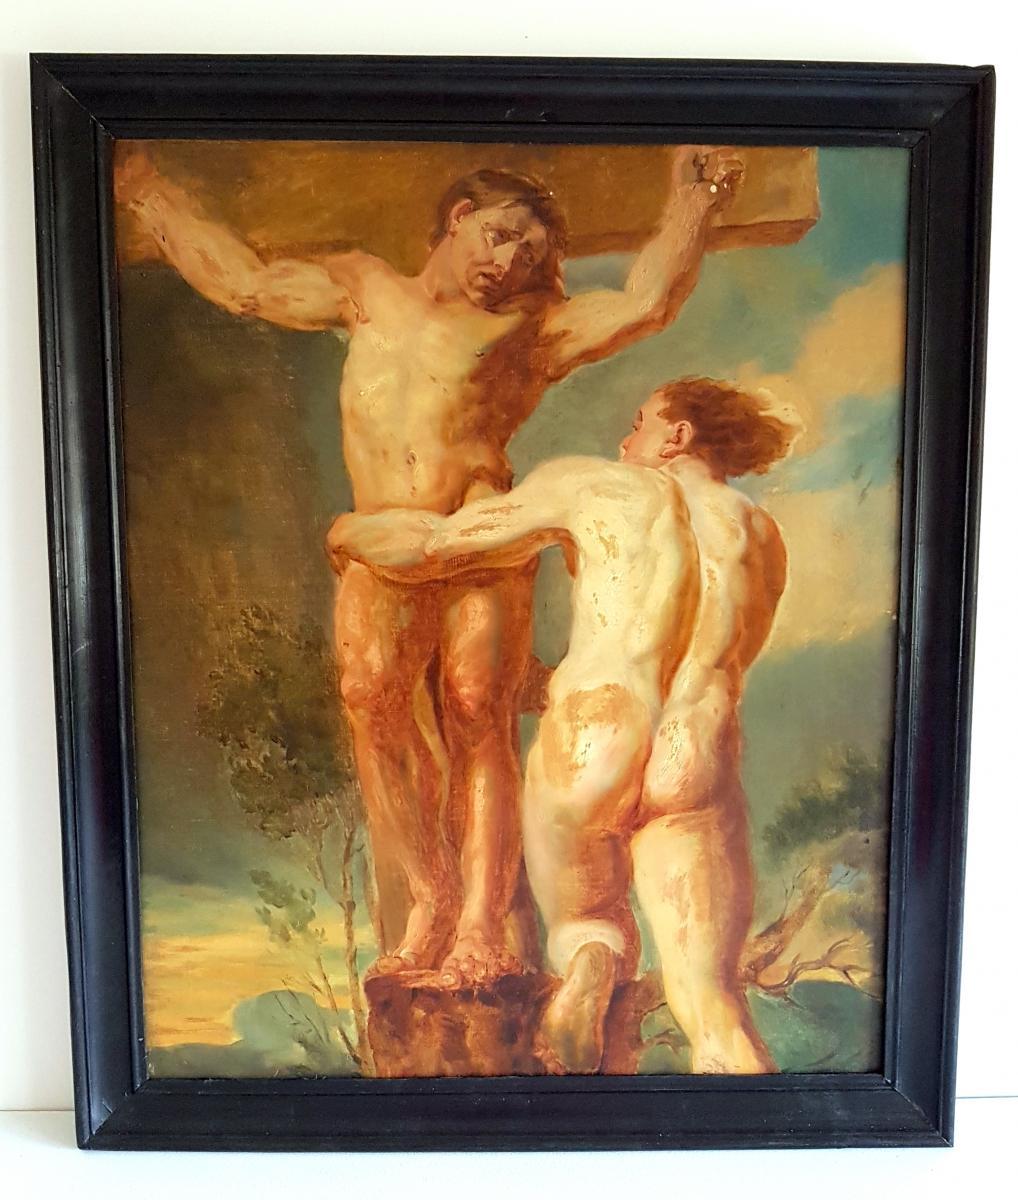 Tableau Scène De Crucifixion Début XIXème Siècle